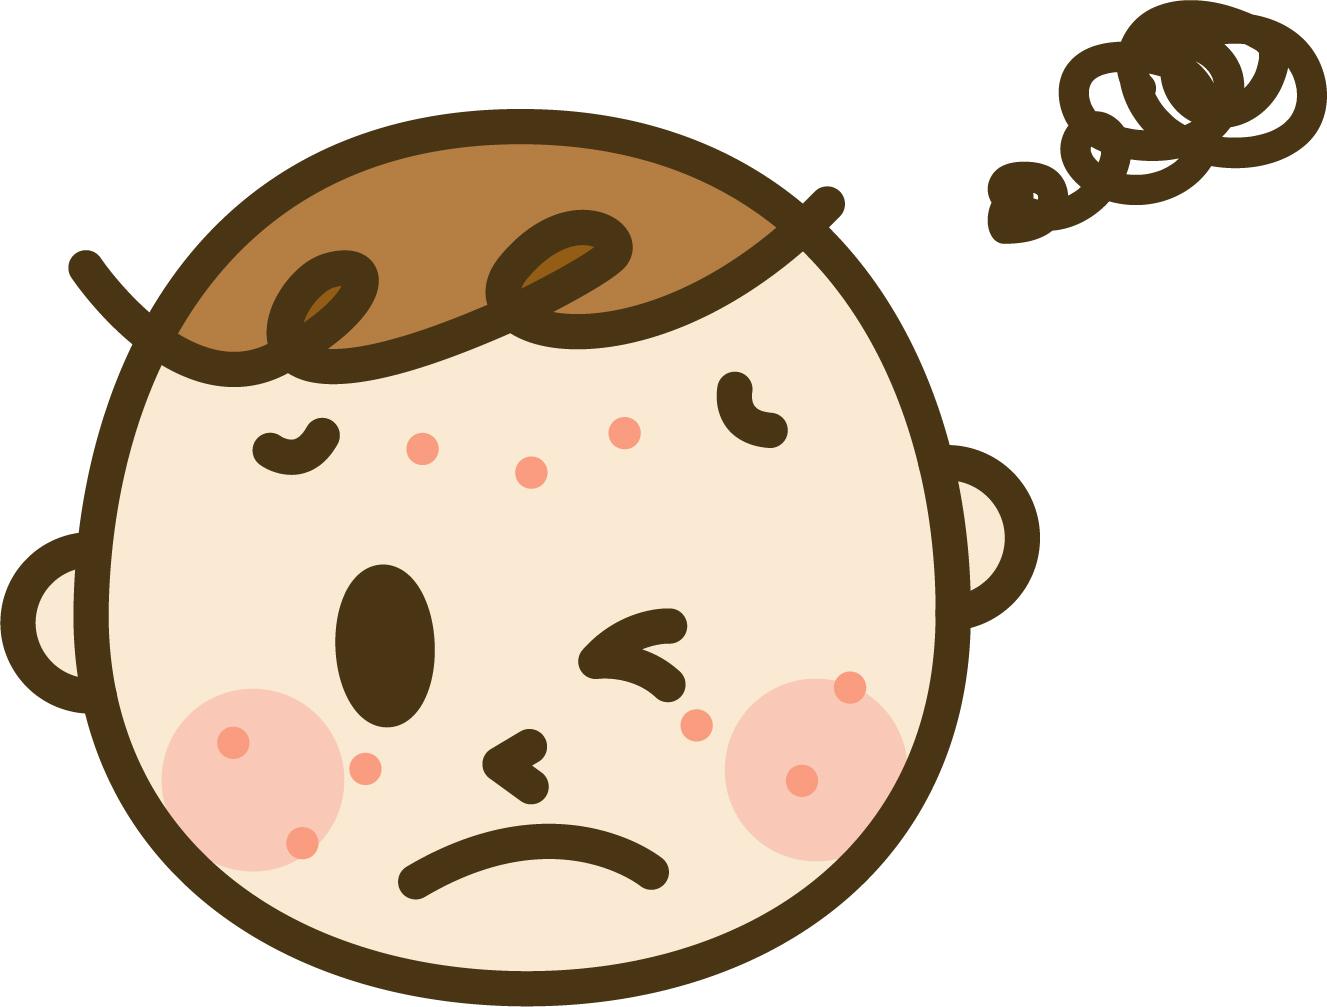 フィラグリン遺伝子変異は、アトピー性皮膚炎の治療結果に影響するか?